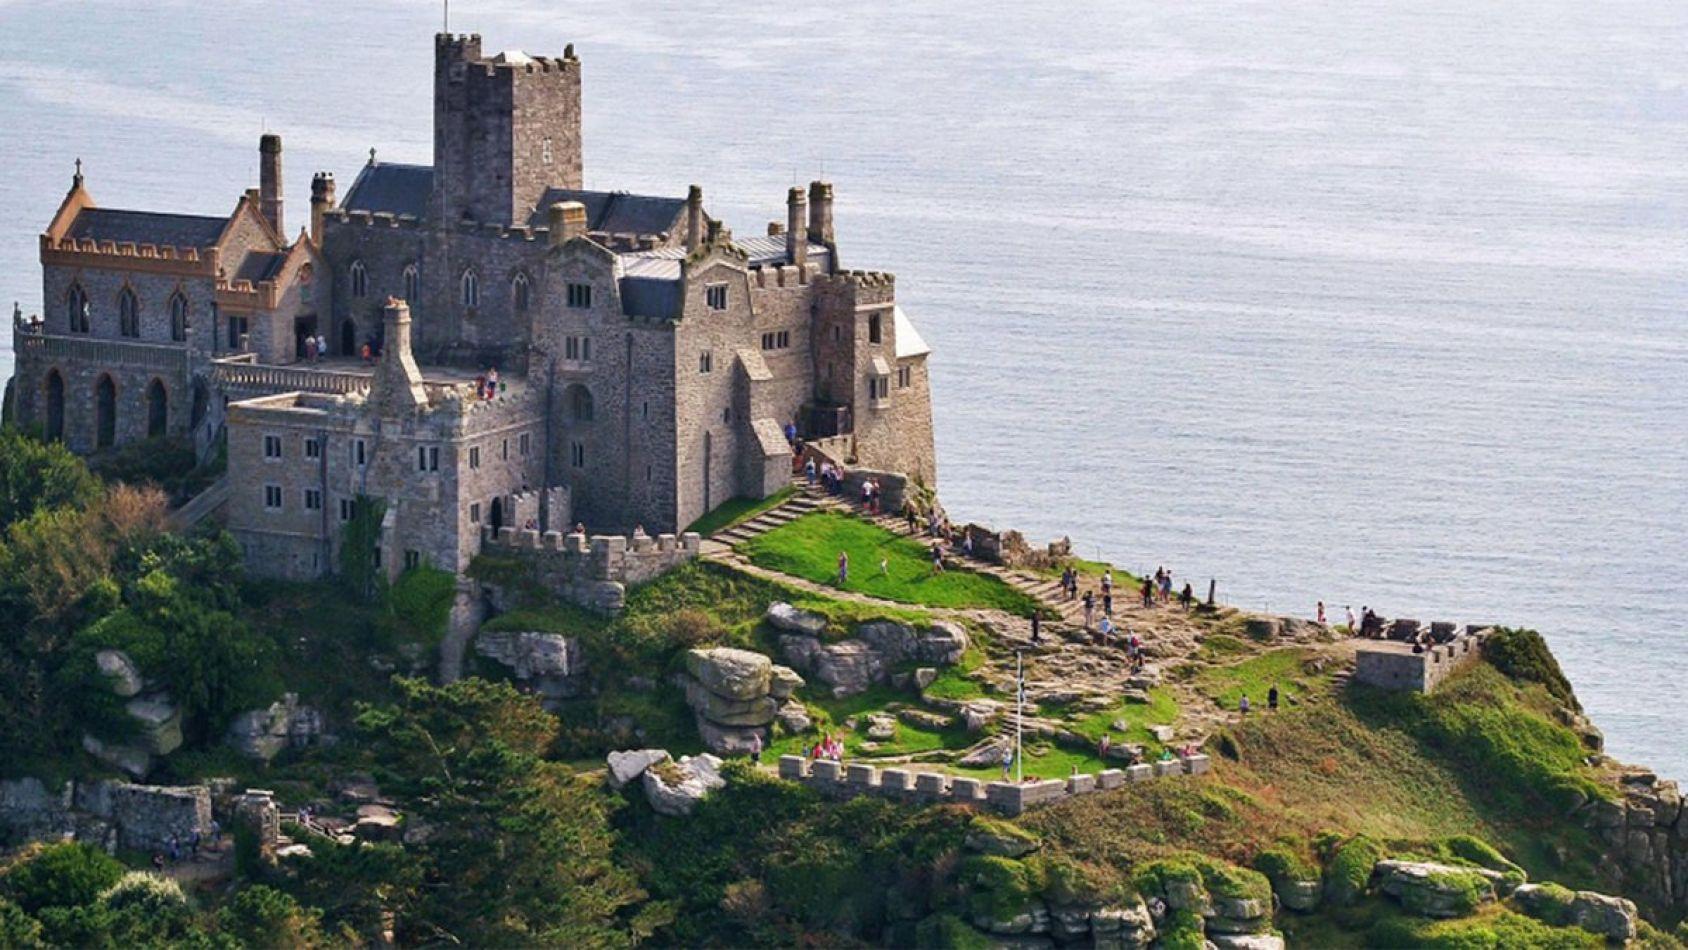 Un trabajo de película: cómo aplicar para vivir en el castillo donde se filmó Game of Thrones y que te paguen por cuidarlo